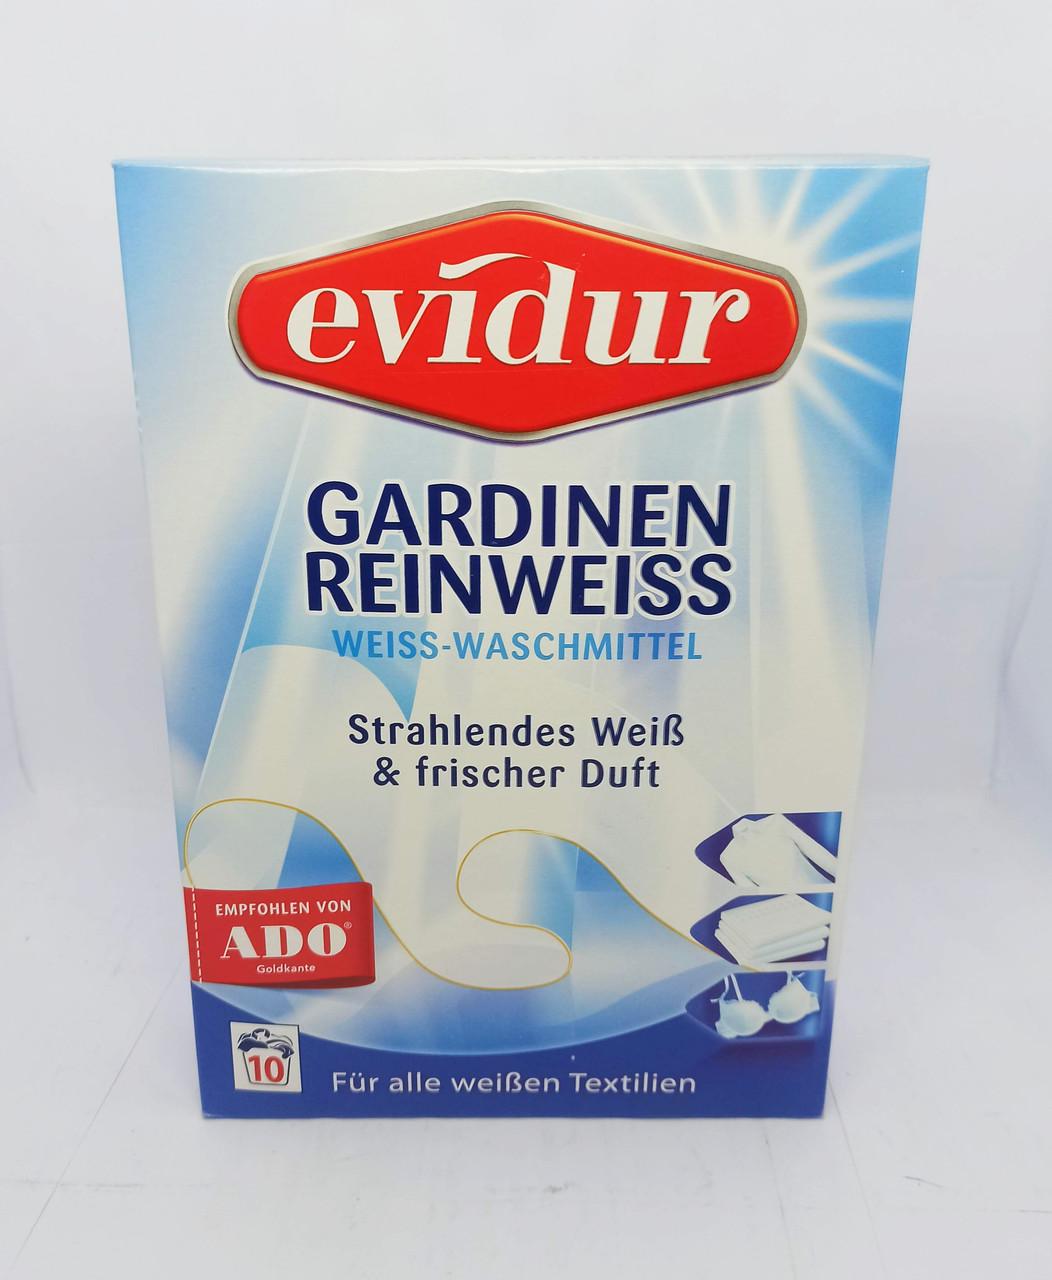 Порошок для стирки Экстра Белый 600 гр/10 стирок Dalli Evidur Gardinen Superweiss